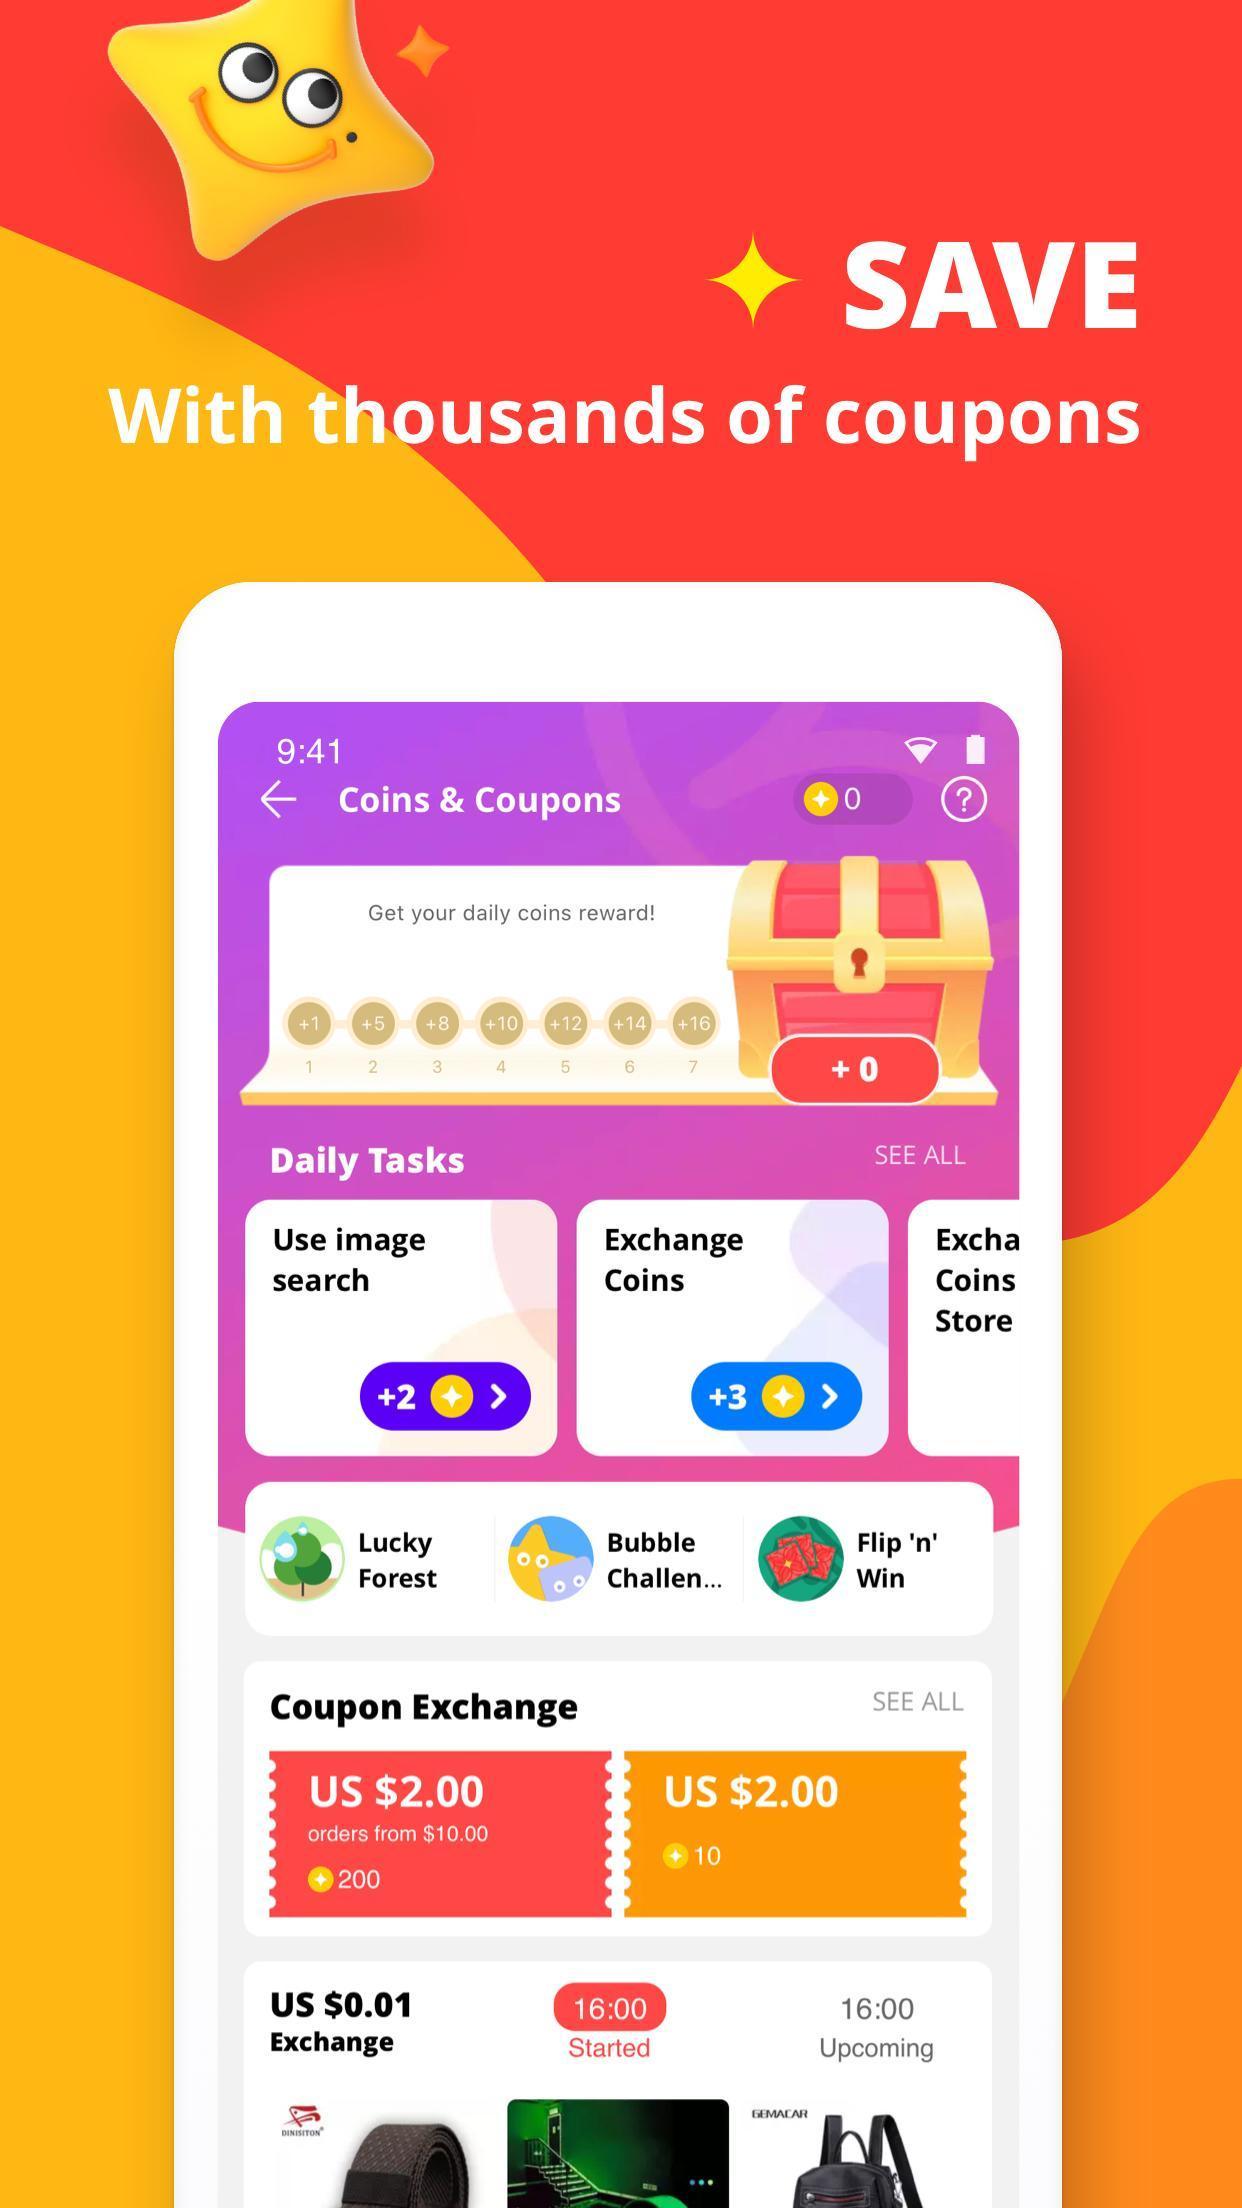 AliExpress Smarter Shopping, Better Living 8.3.3 Screenshot 4